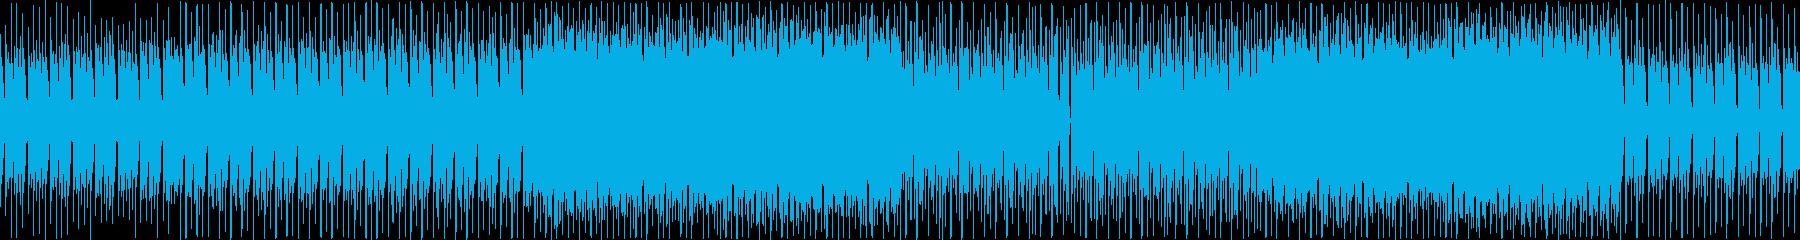 不思議なテクノの再生済みの波形